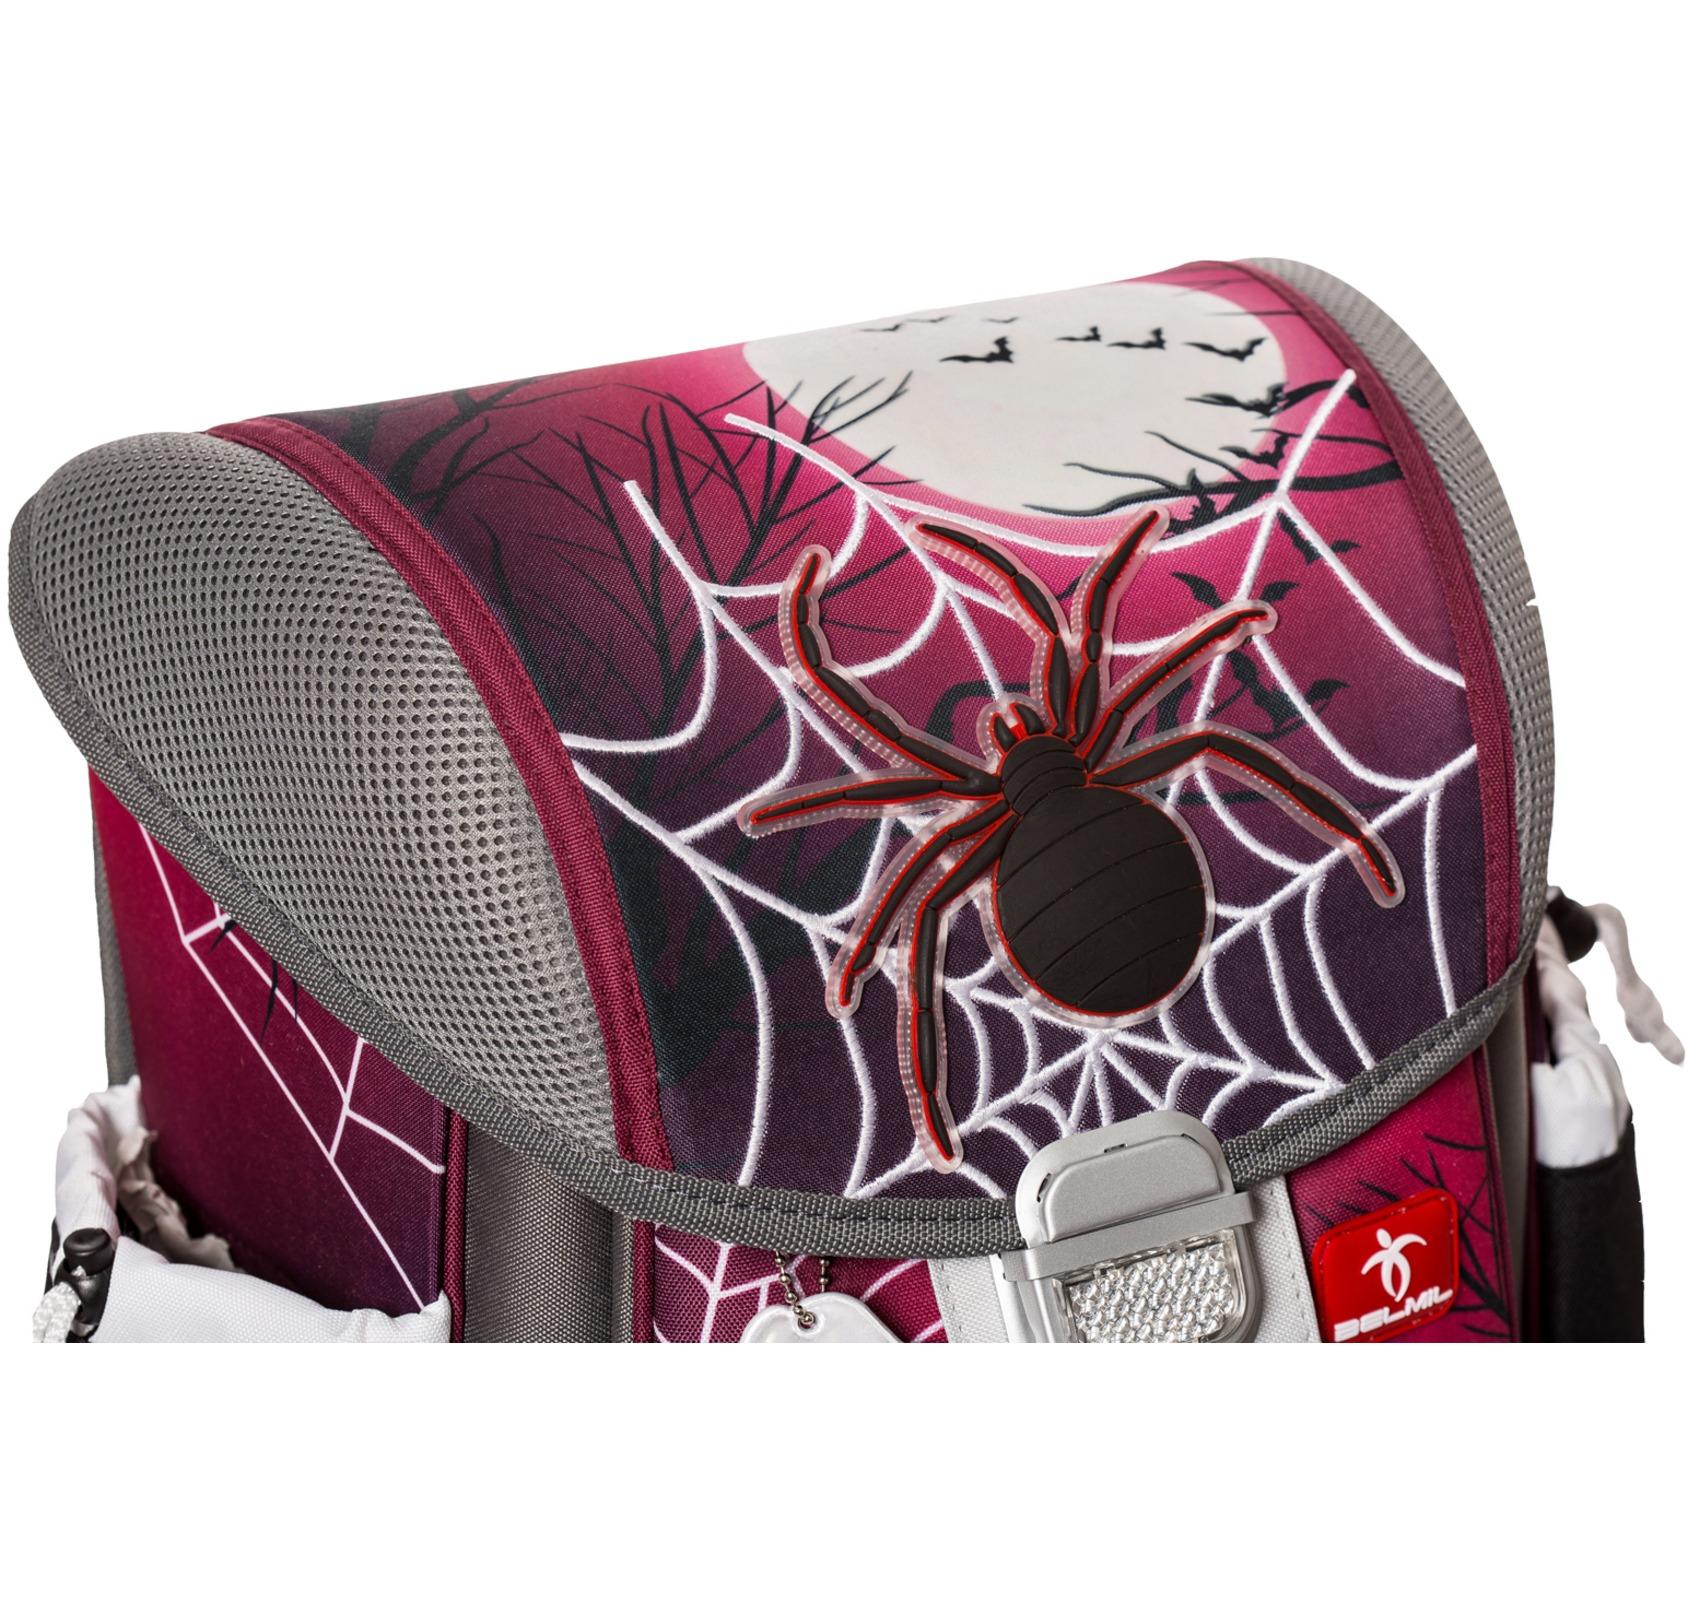 3a230d109fe6 Купить Ранец Belmil Classy 403-13/422 SPIDER + пенал — купить в ...